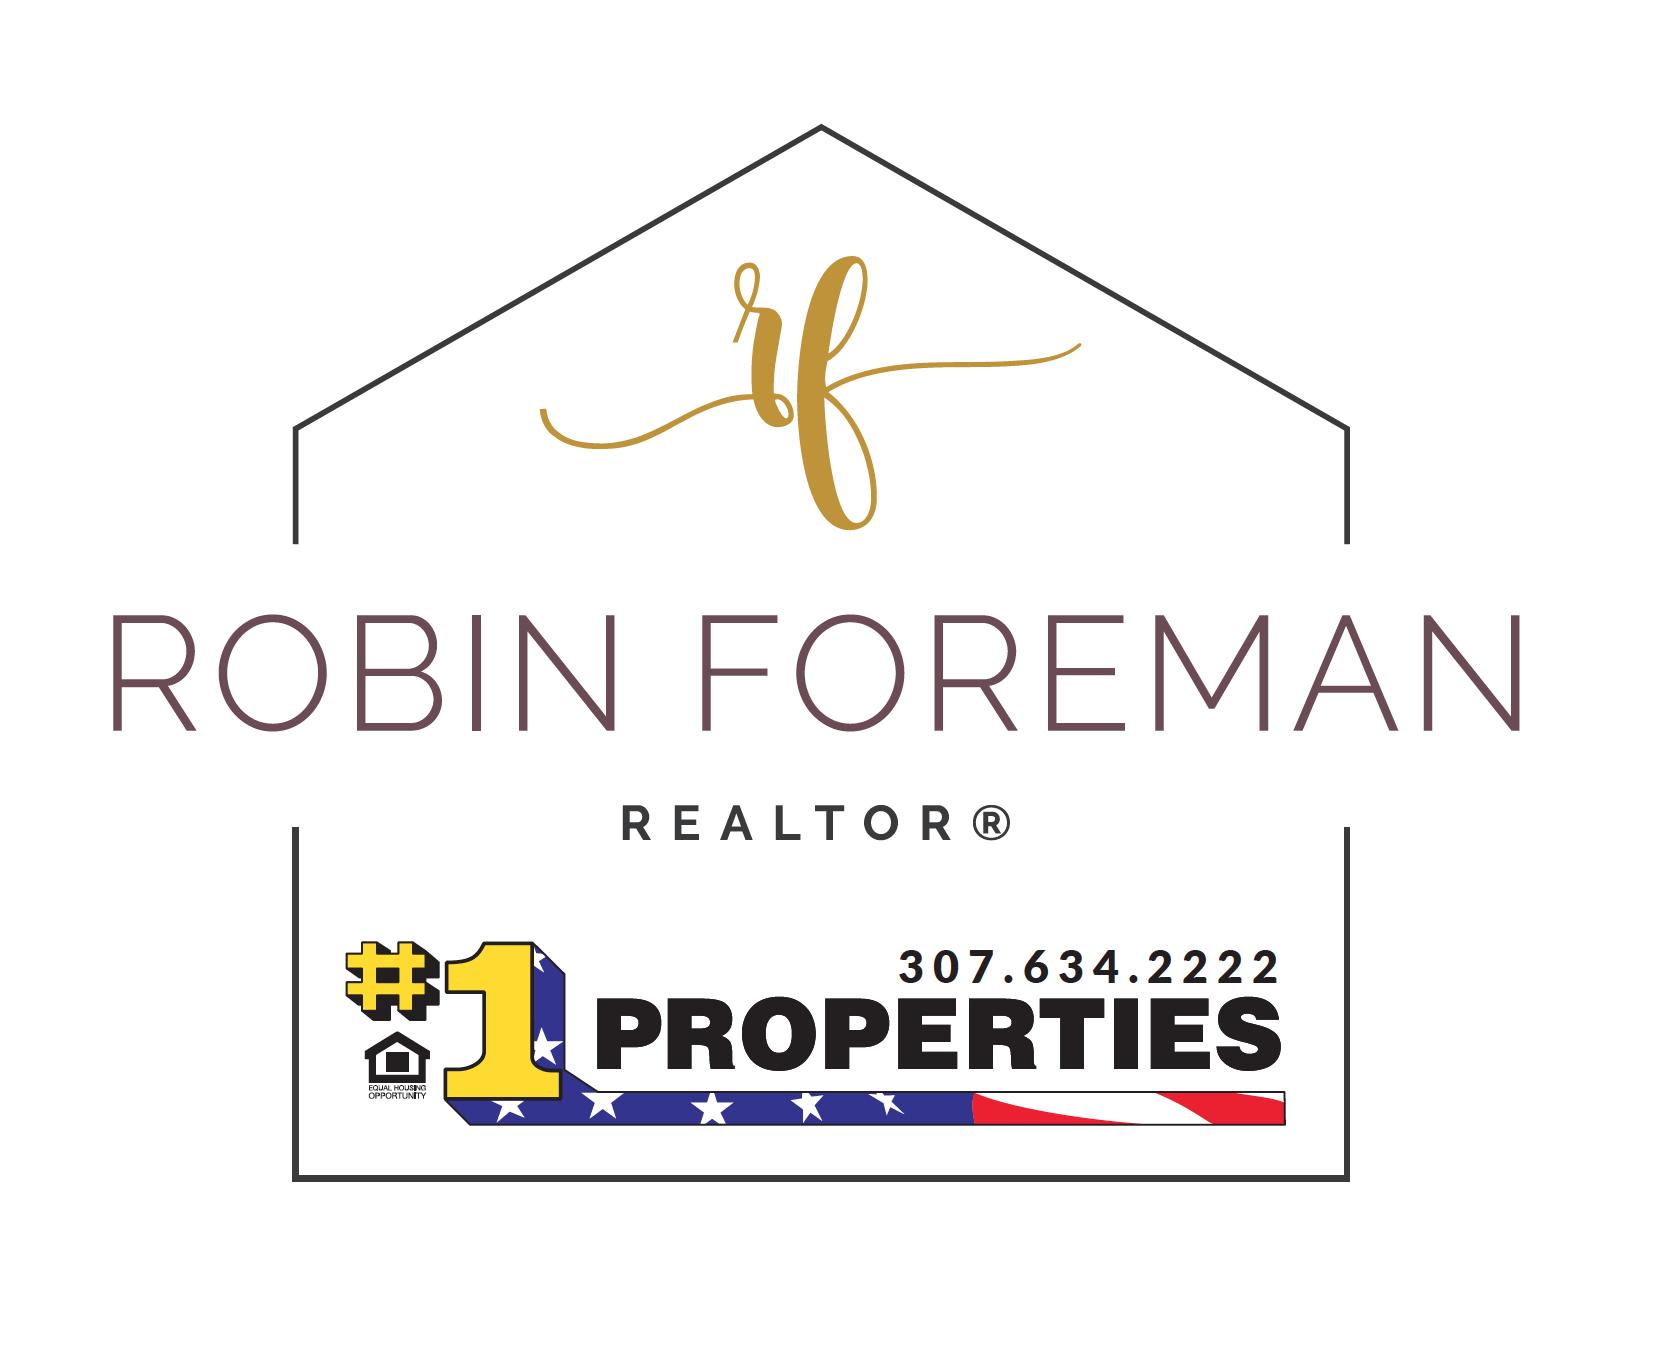 Robin-Foreman.png